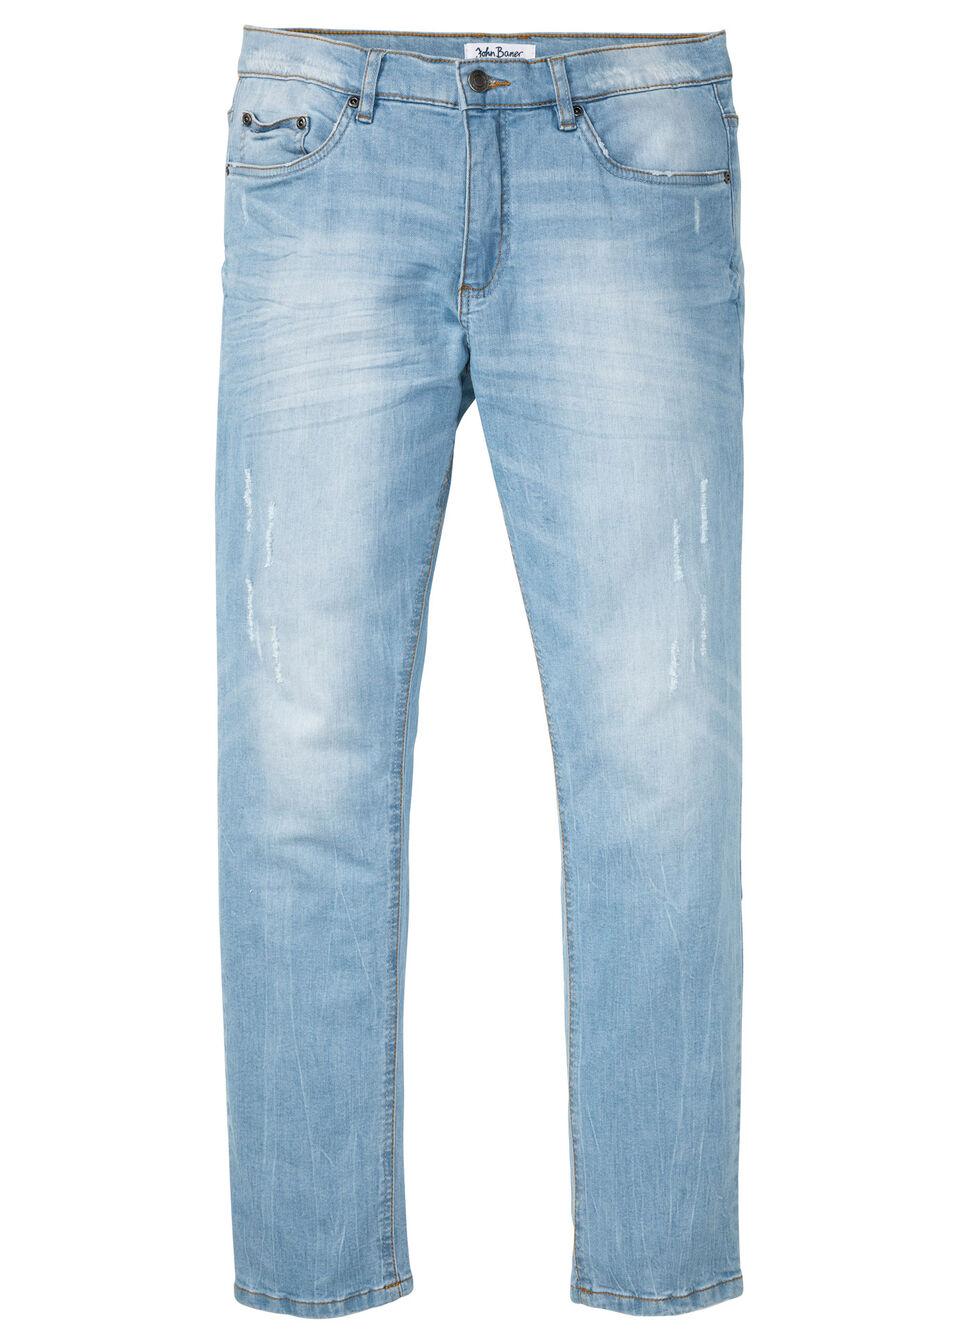 Dżinsy ze stretchem Slim Fit Straight bonprix jasnoniebieski denim